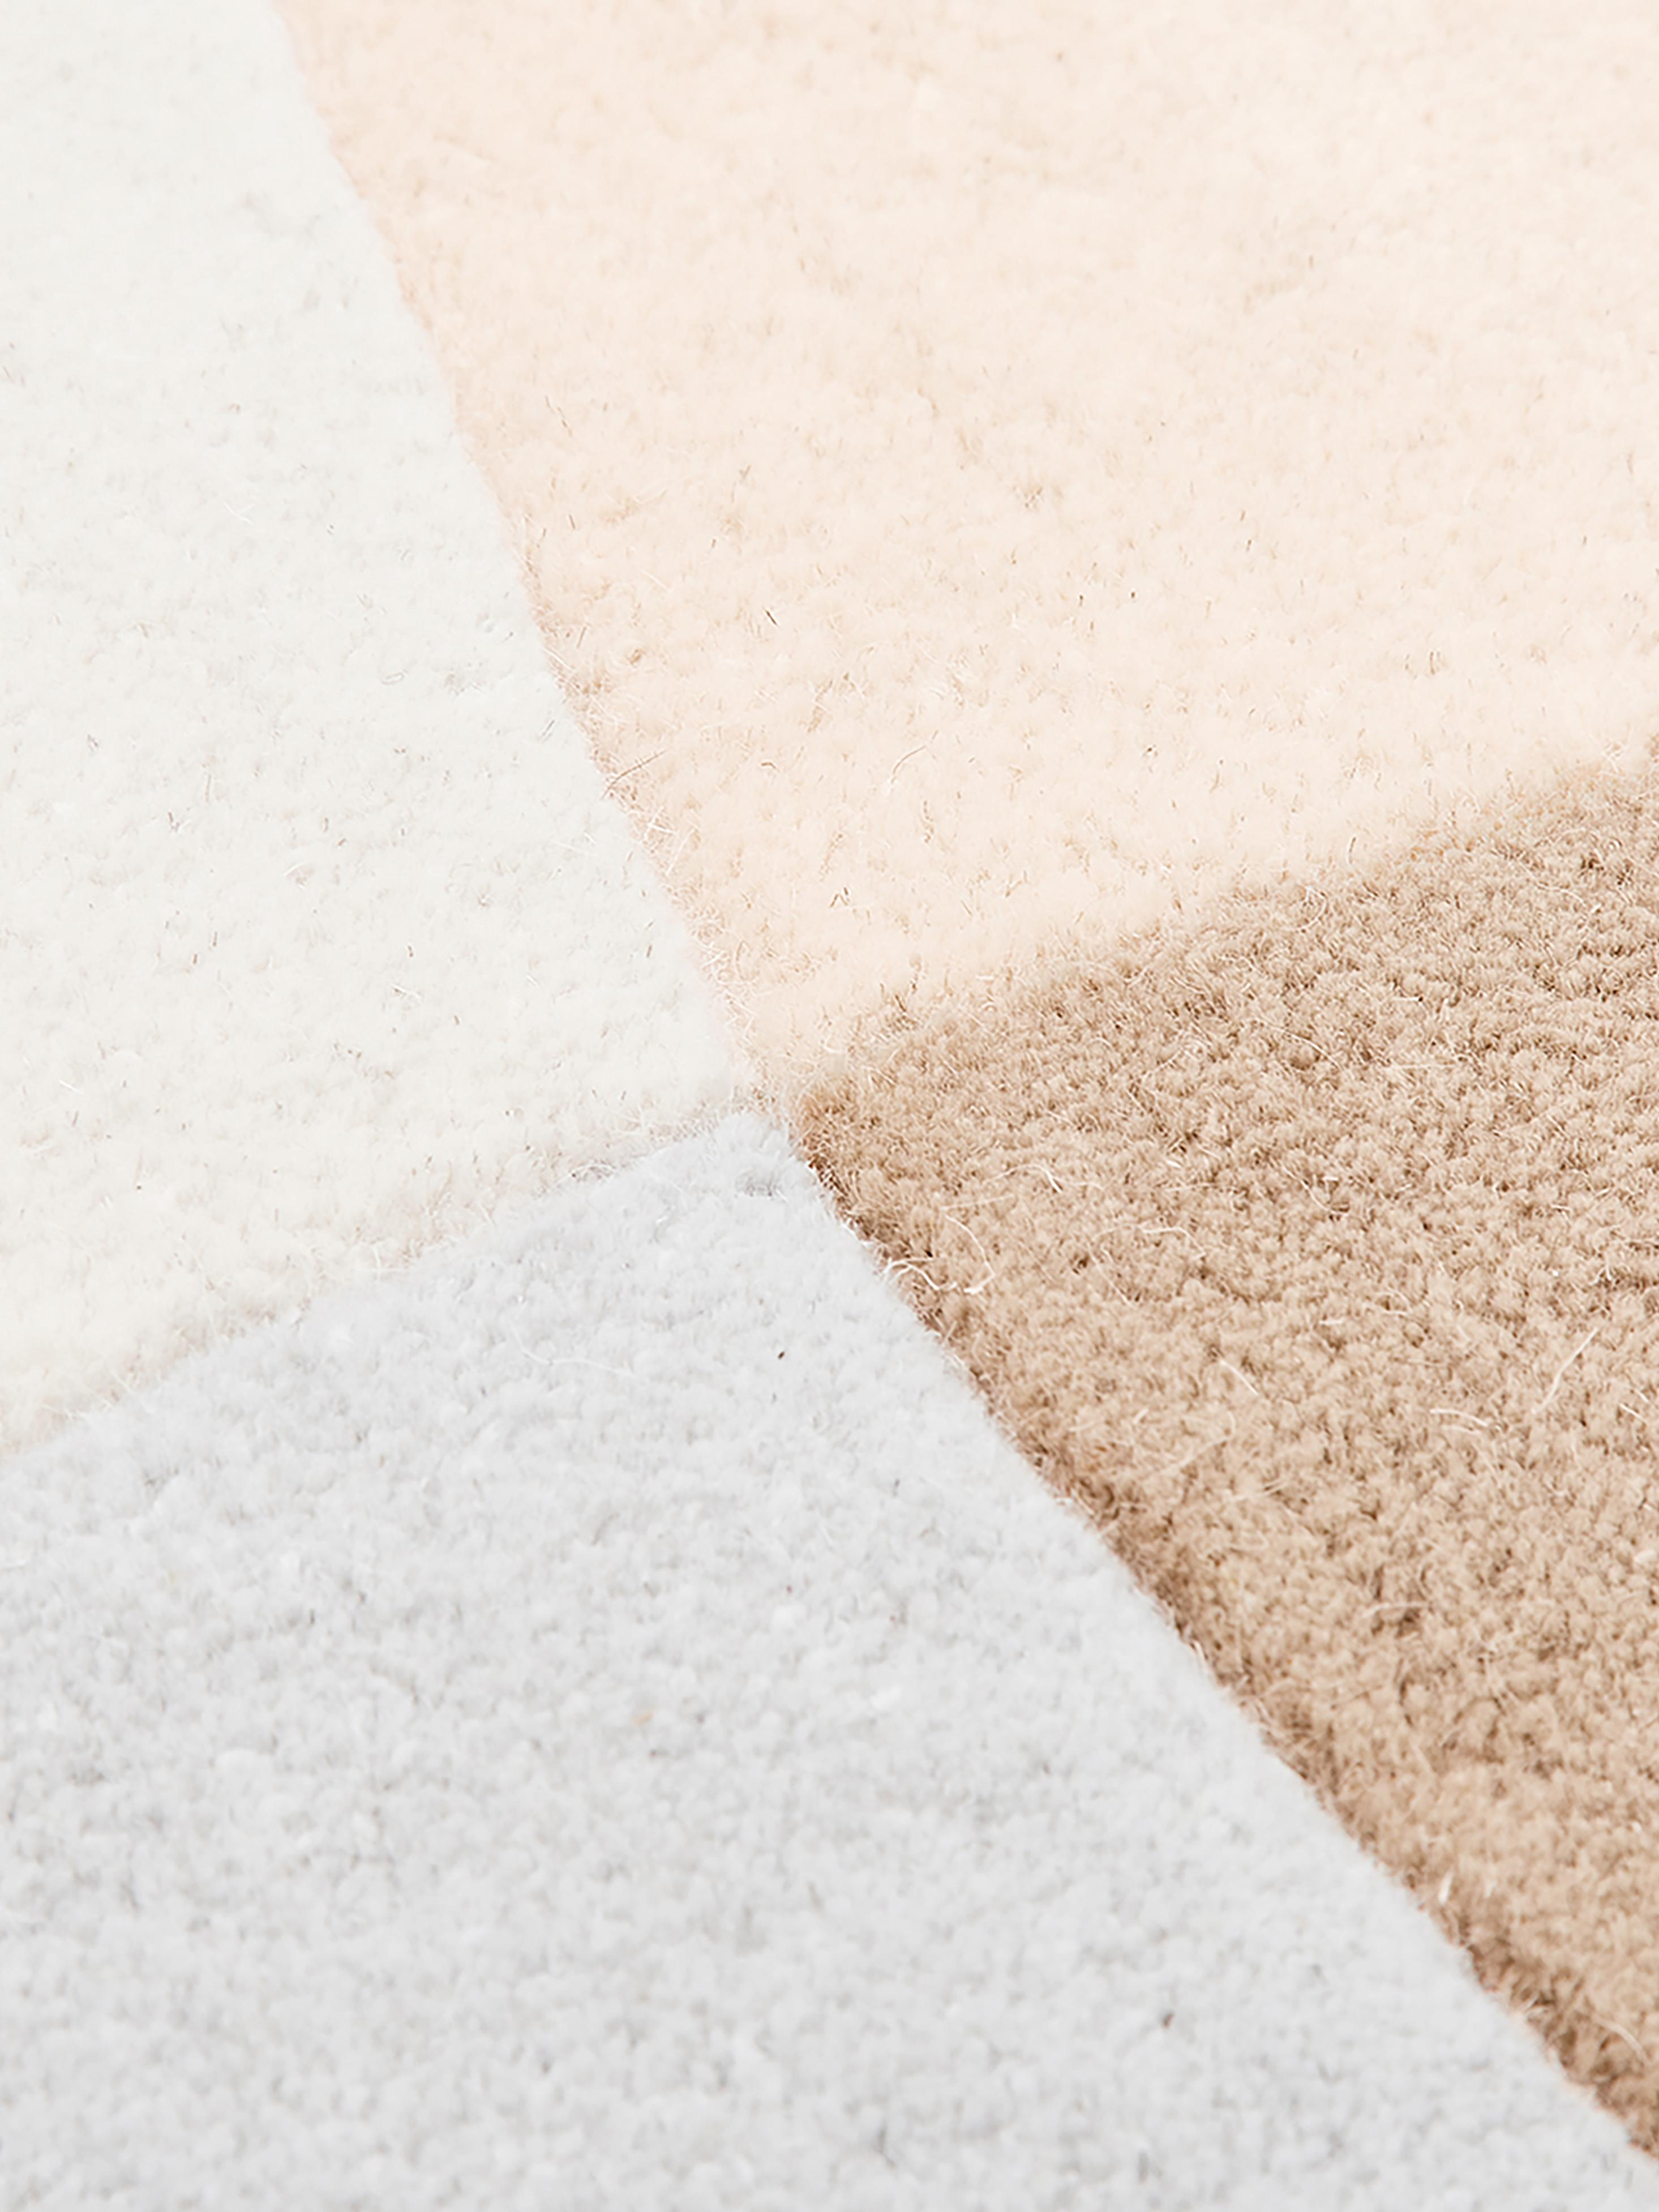 Handgetufteter Wollteppich Luke mit abstraktem Muster, Flor: 100% Wolle, Beige, Grau, Apricot, B 200 x L 300 cm (Grösse L)